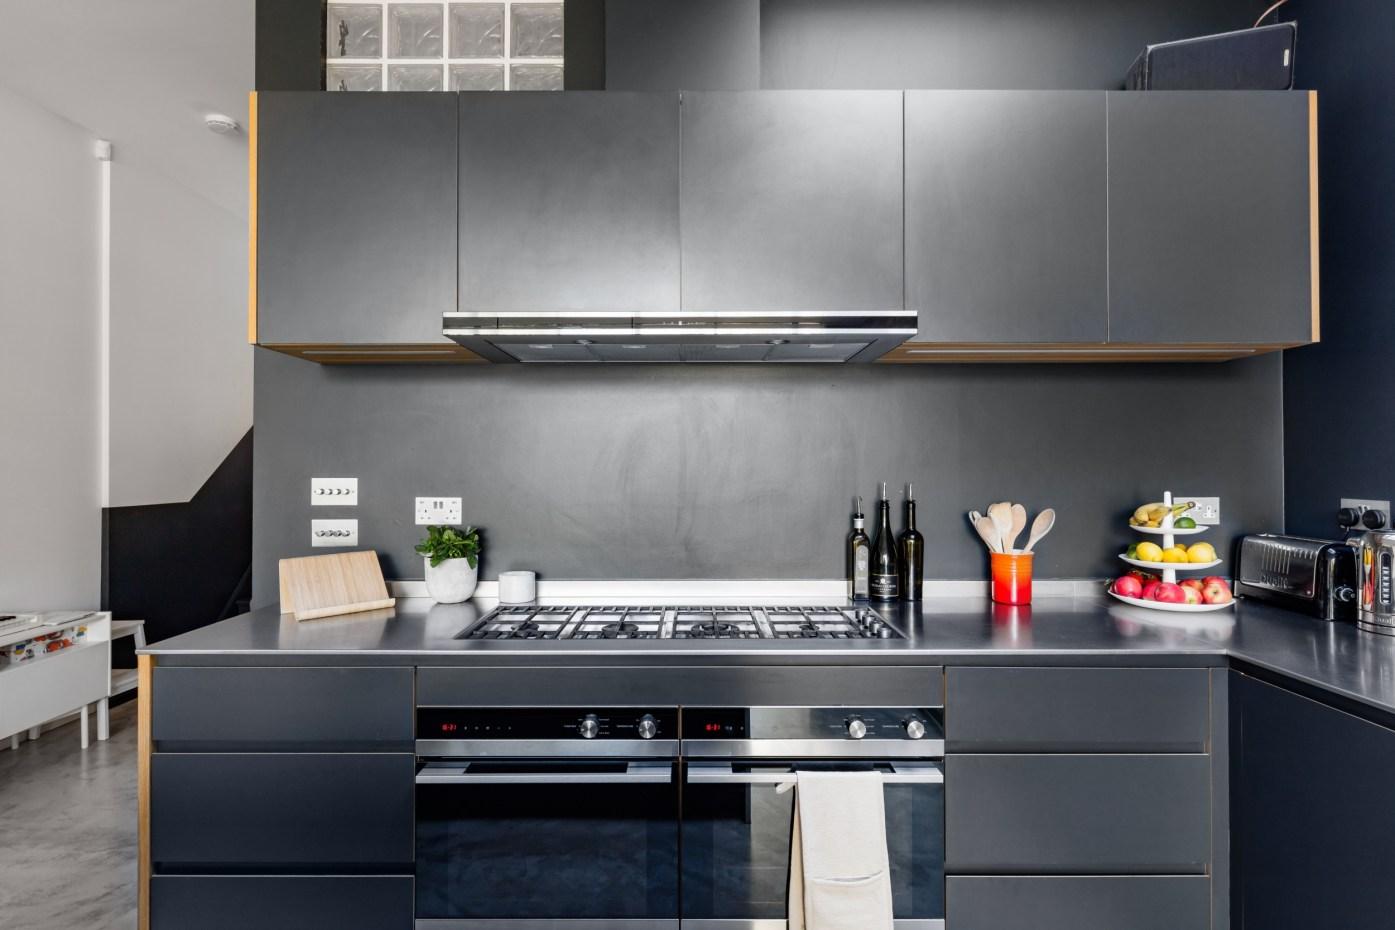 серая кухонная мебель